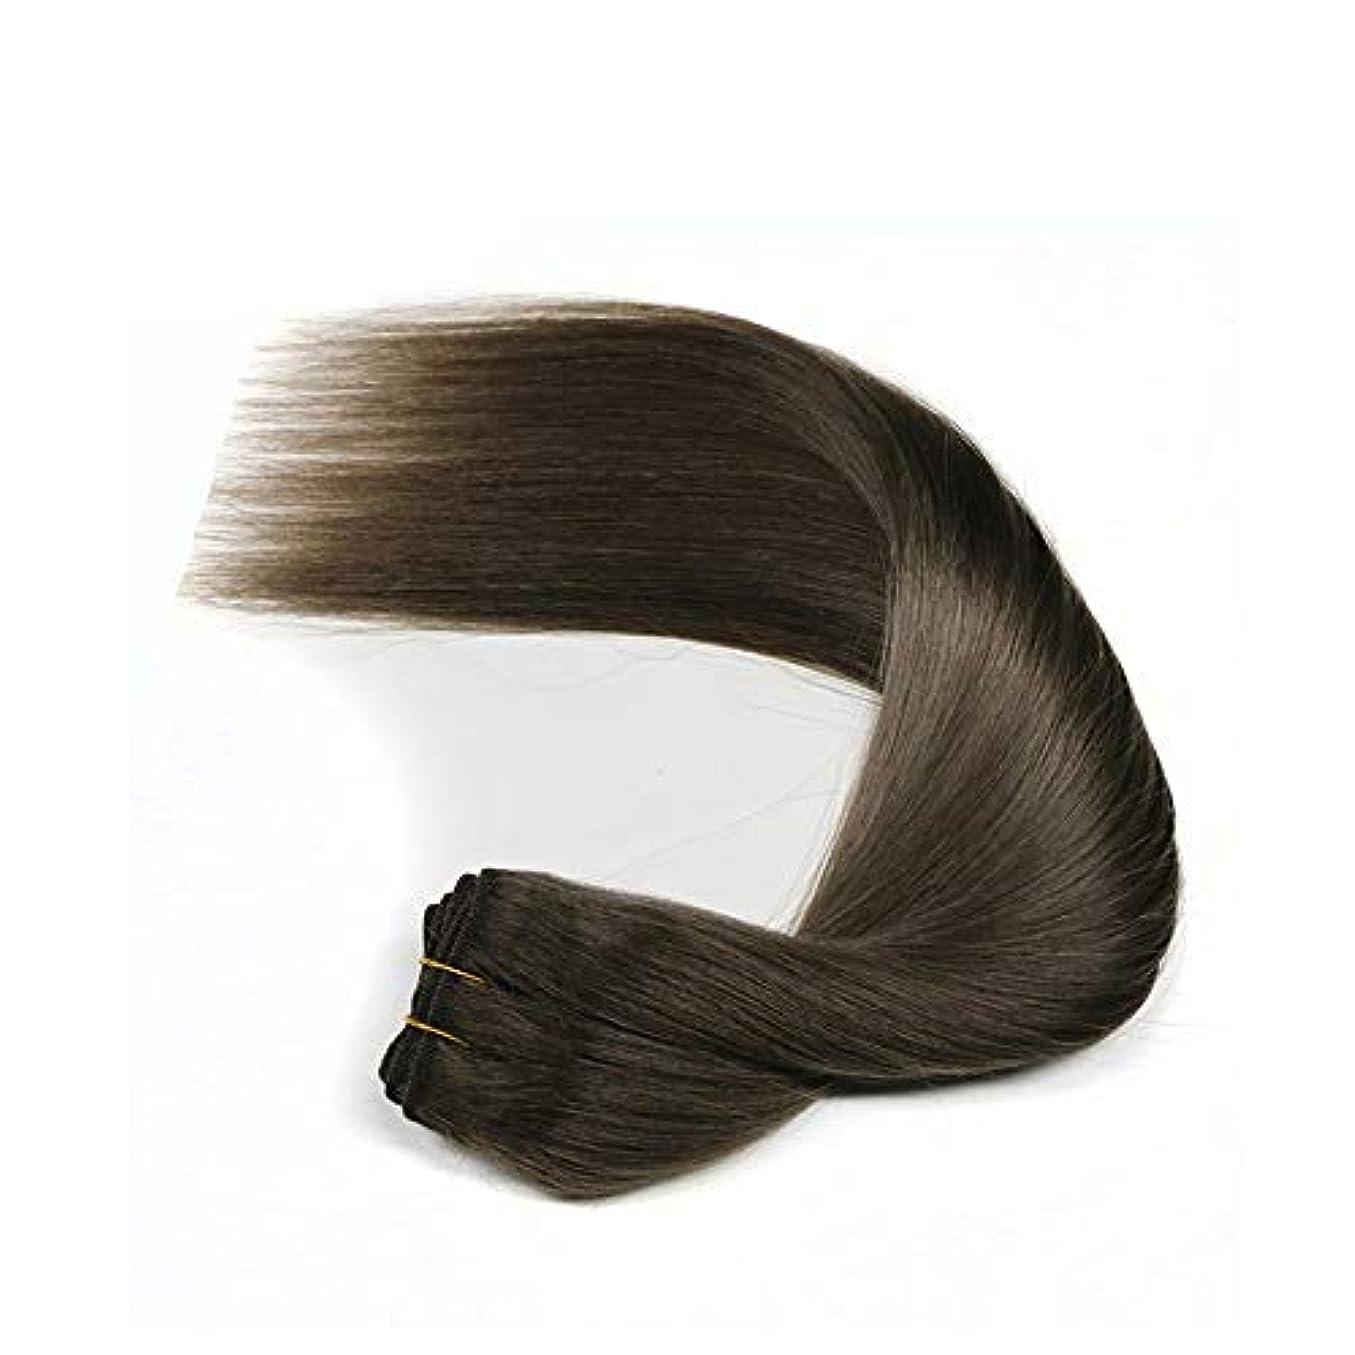 好奇心盛急速な損なうJULYTER 女性のためのブラジルの100%未処理の人間の髪の束ストレートヘア生物学的な黒いSemblance (色 : Natural color, サイズ : 20 inch)